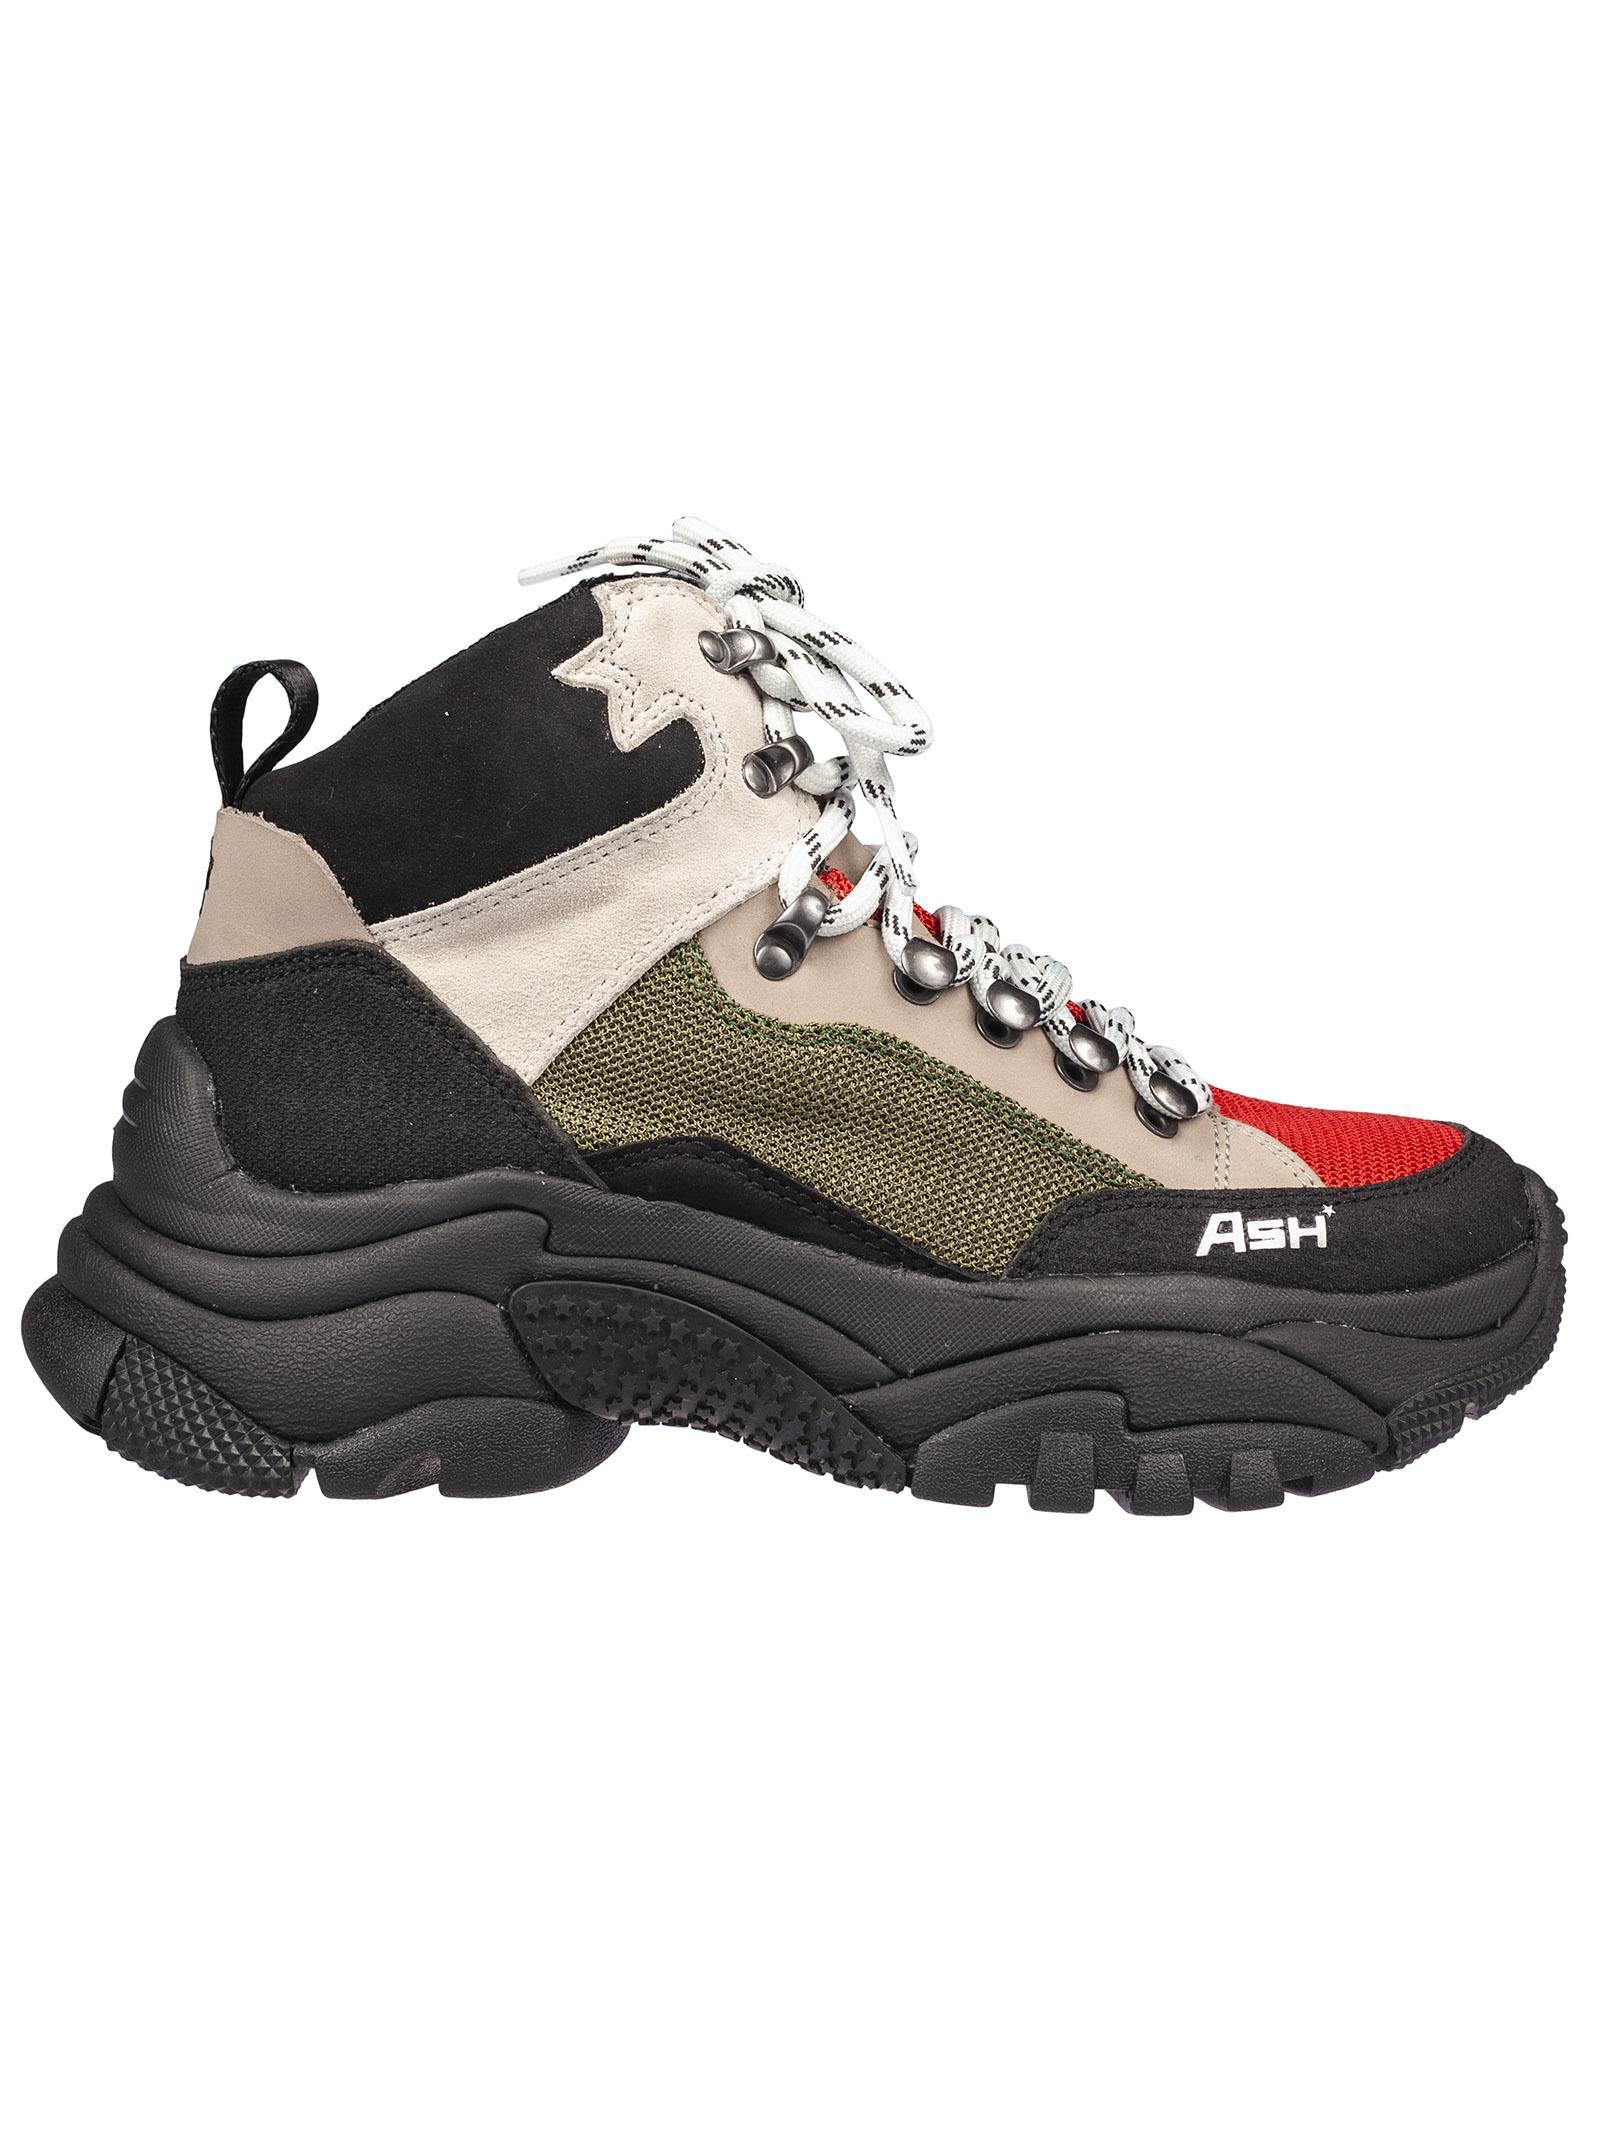 Ash Alfa Hi Top Sneakers